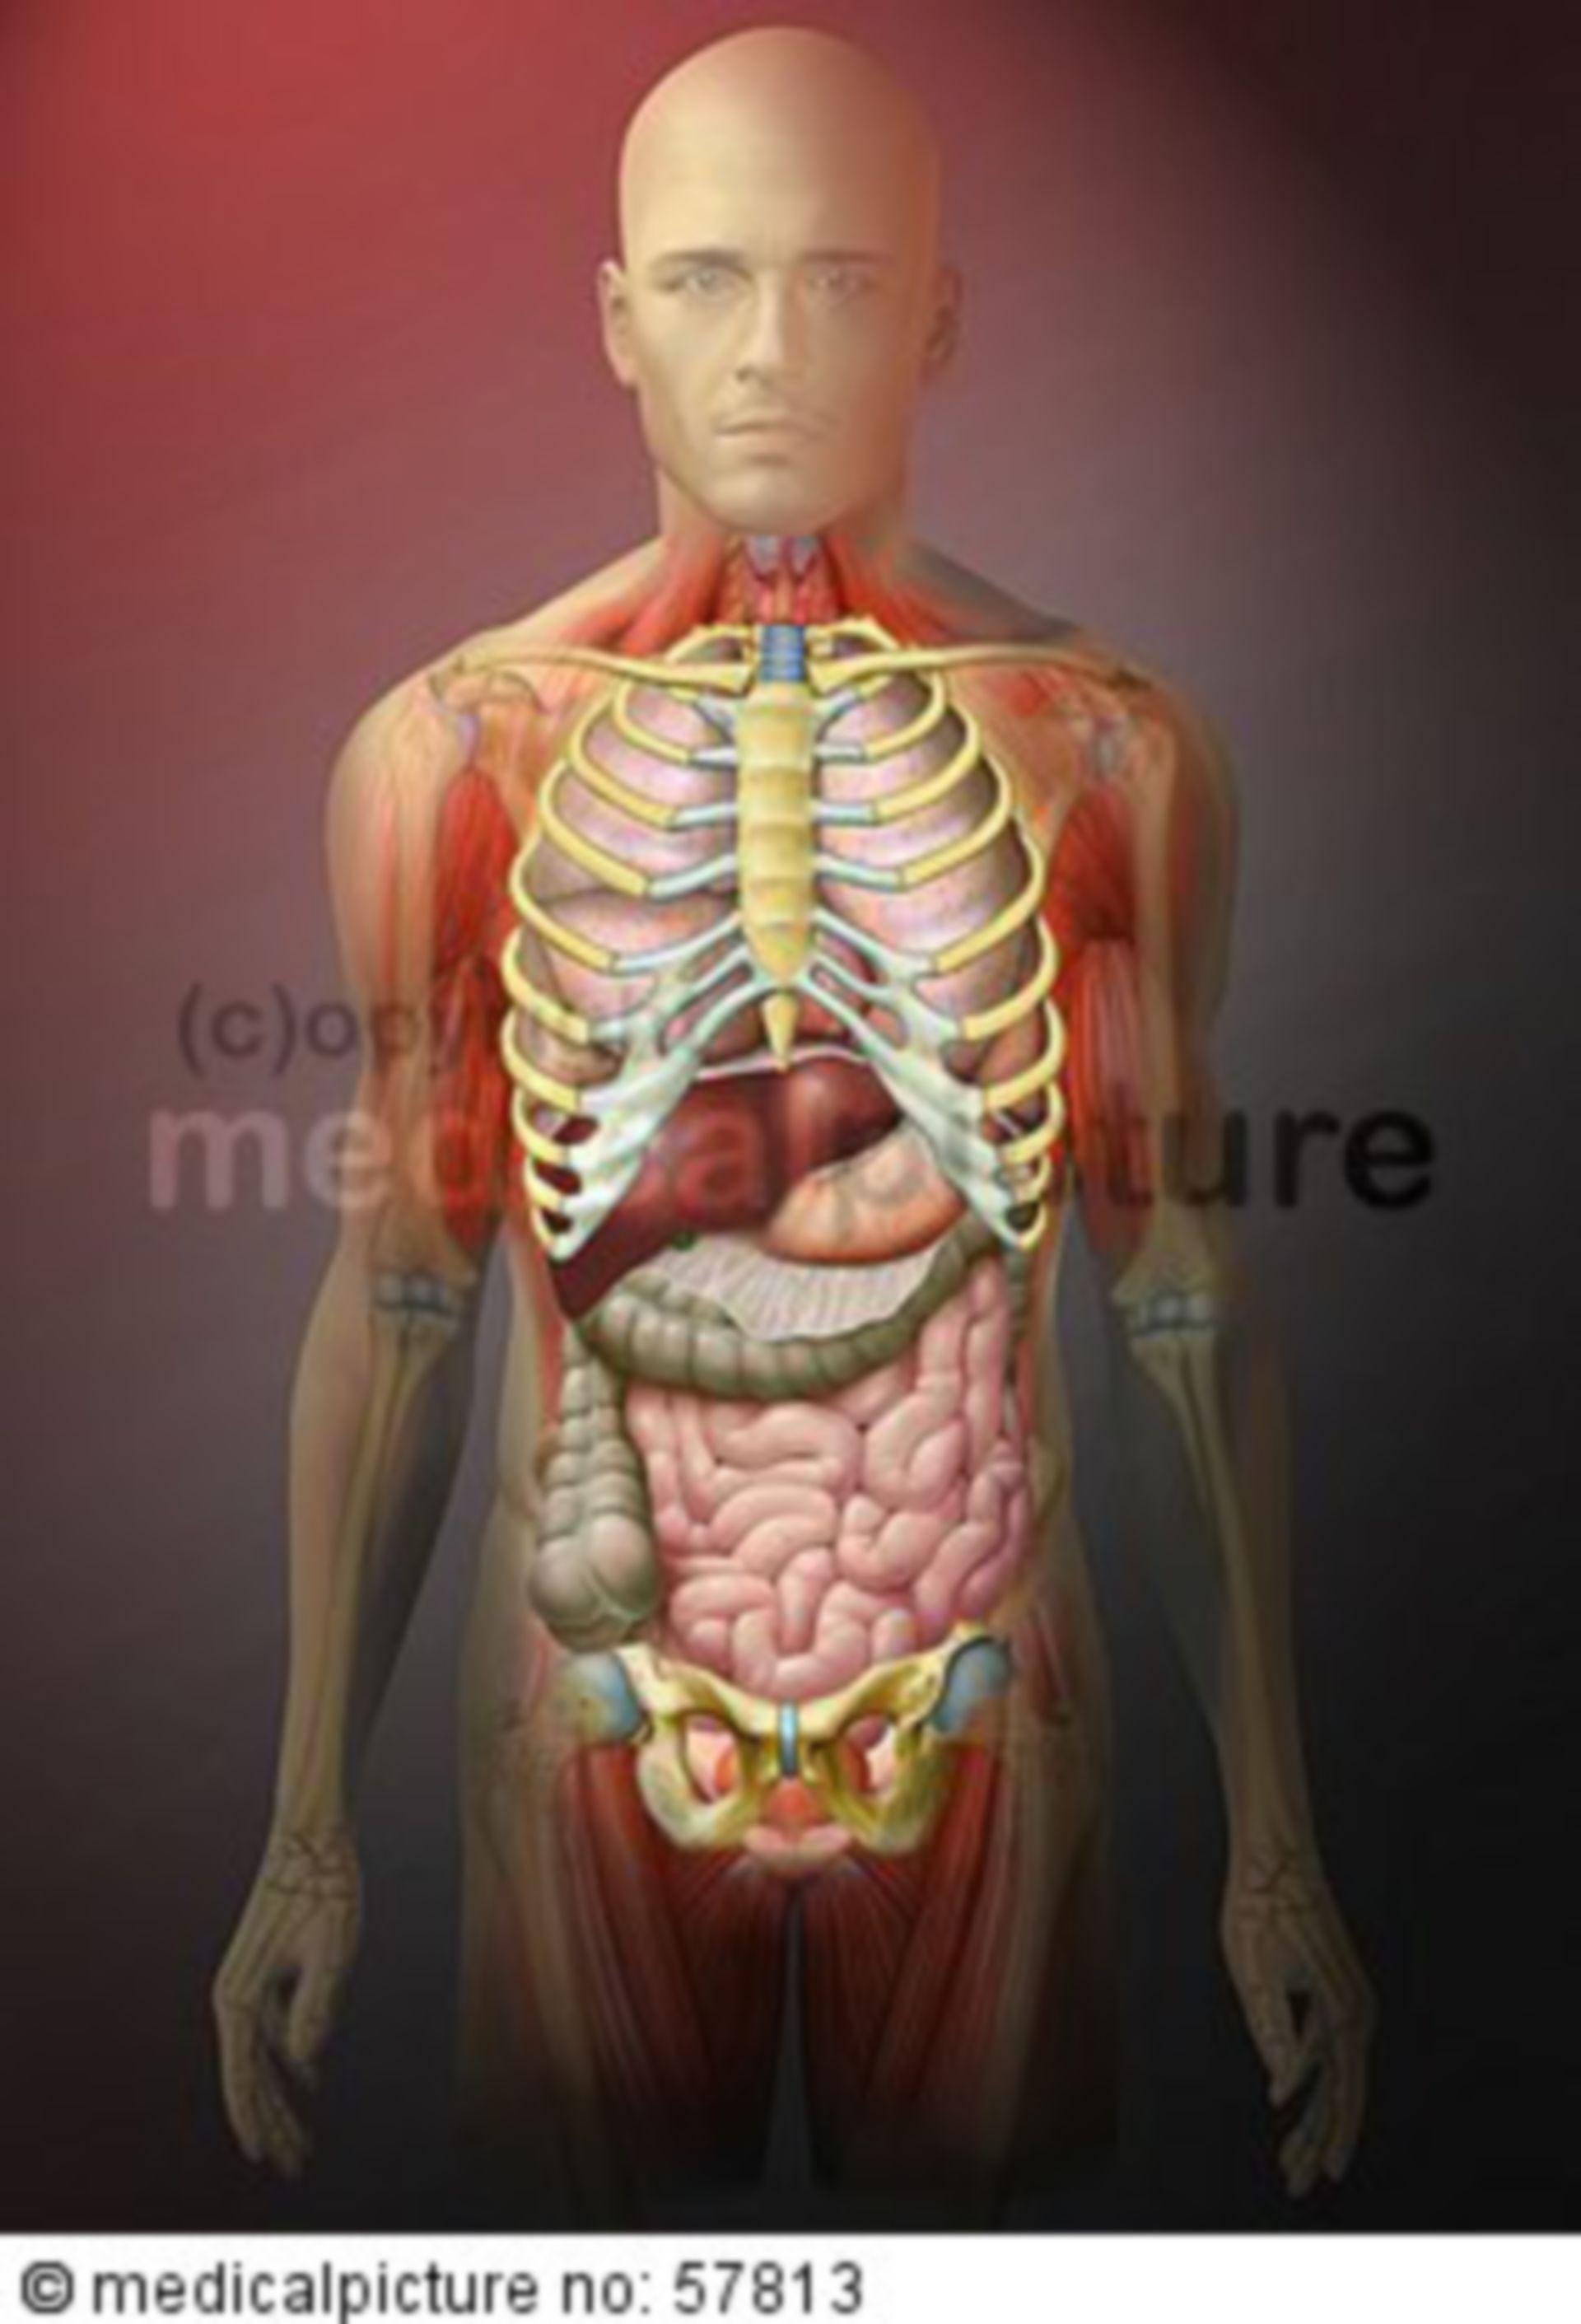 Anatomische Illustrationen - Brust-, Bauch-, Beckeneingeweide mit Brustkorb